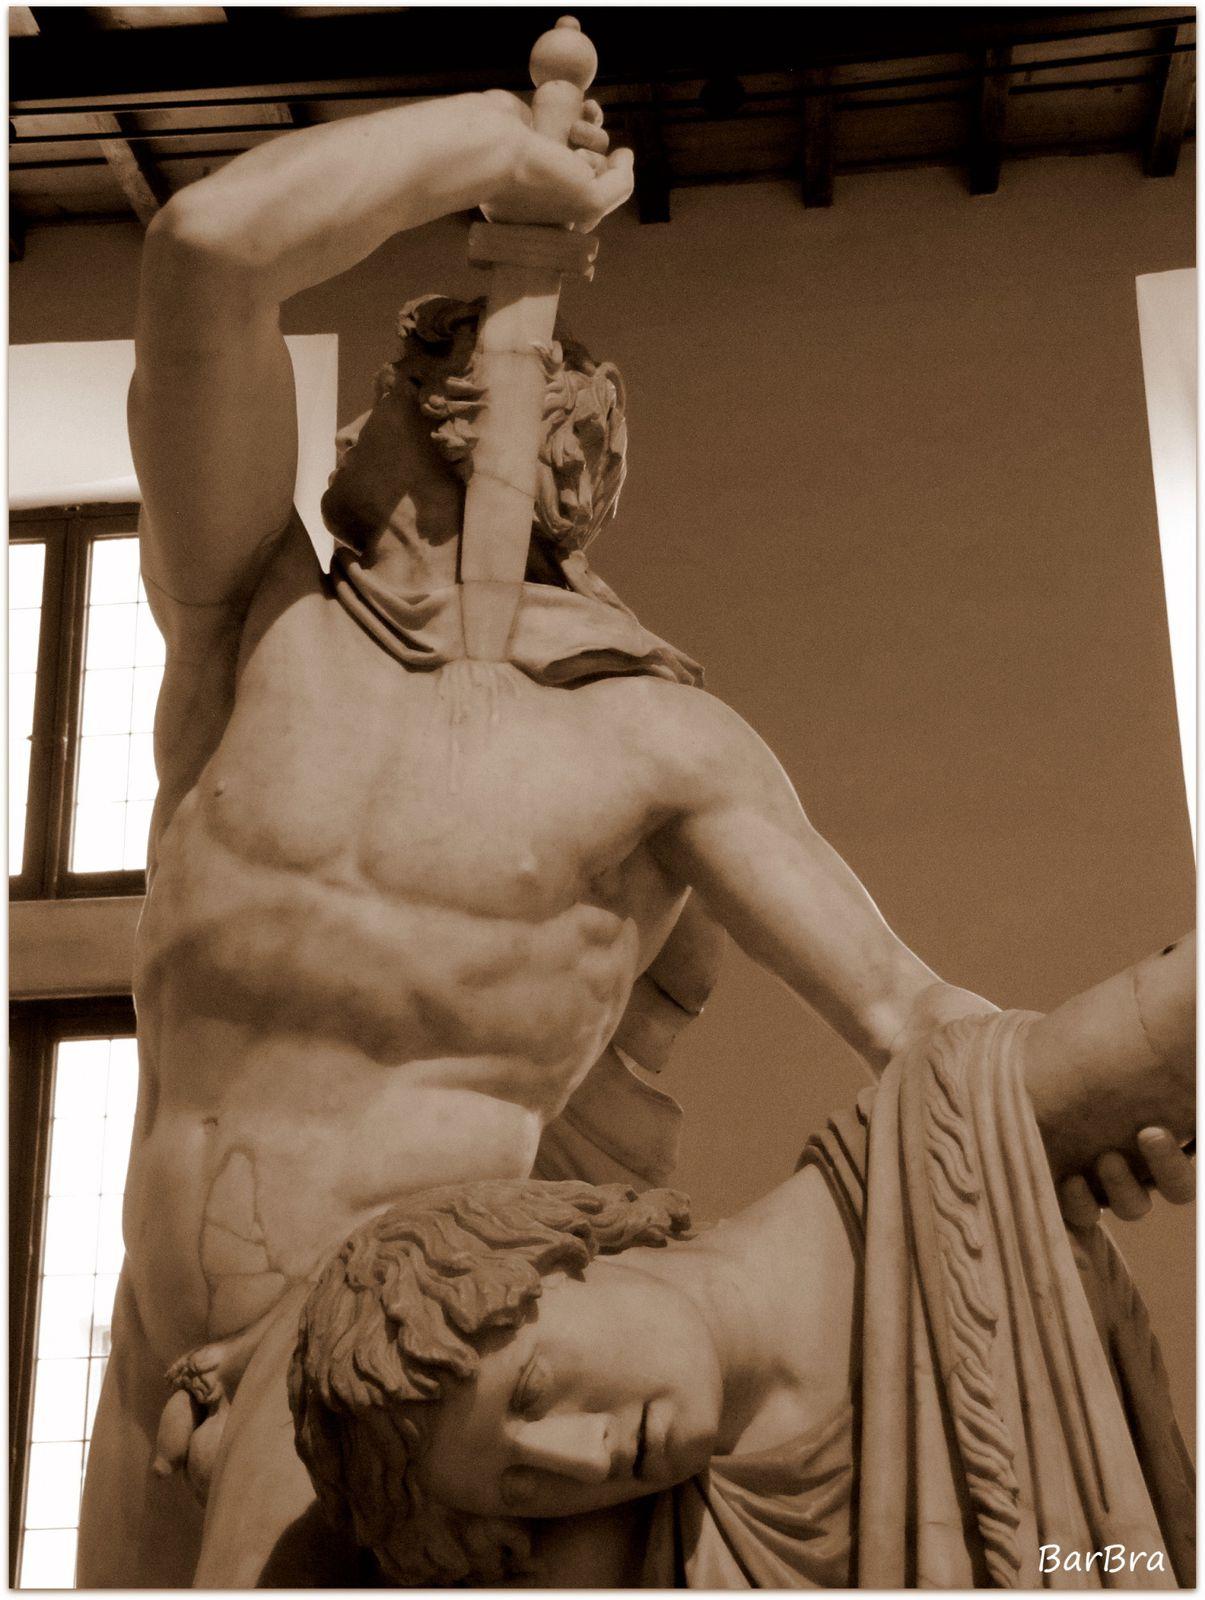 ... il guerriero, nudo come erano soliti combattere i popoli celtici, si immerge la corta spada tra le clavicole per raggiungere il cuore